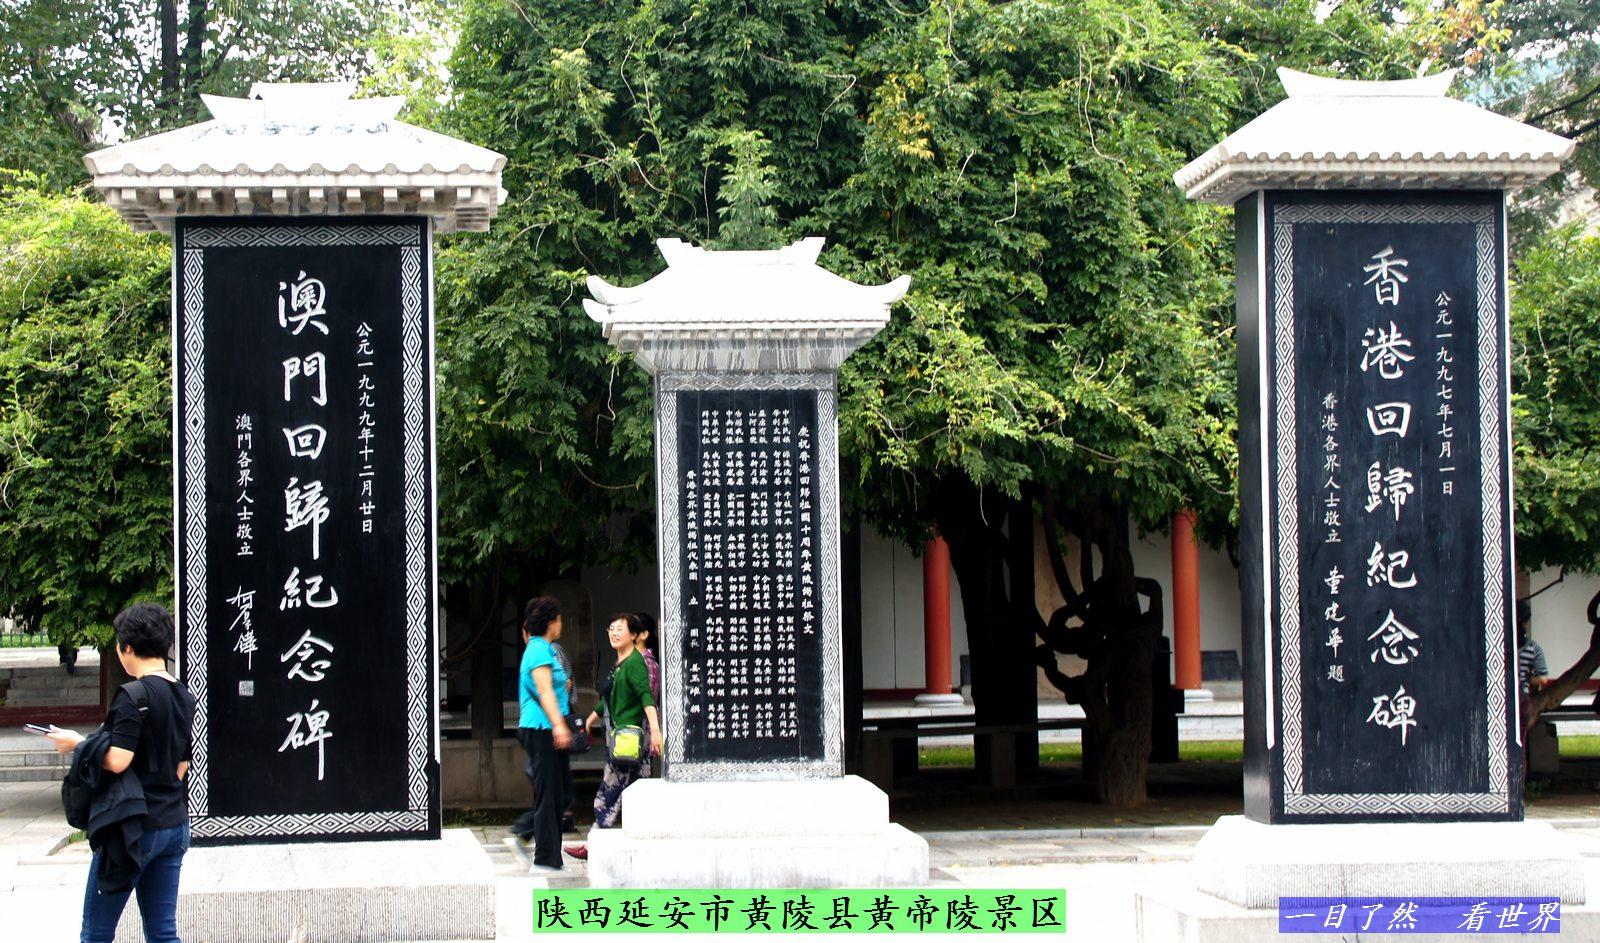 黄帝陵景区-港澳回归纪念碑-38-1600.jpg